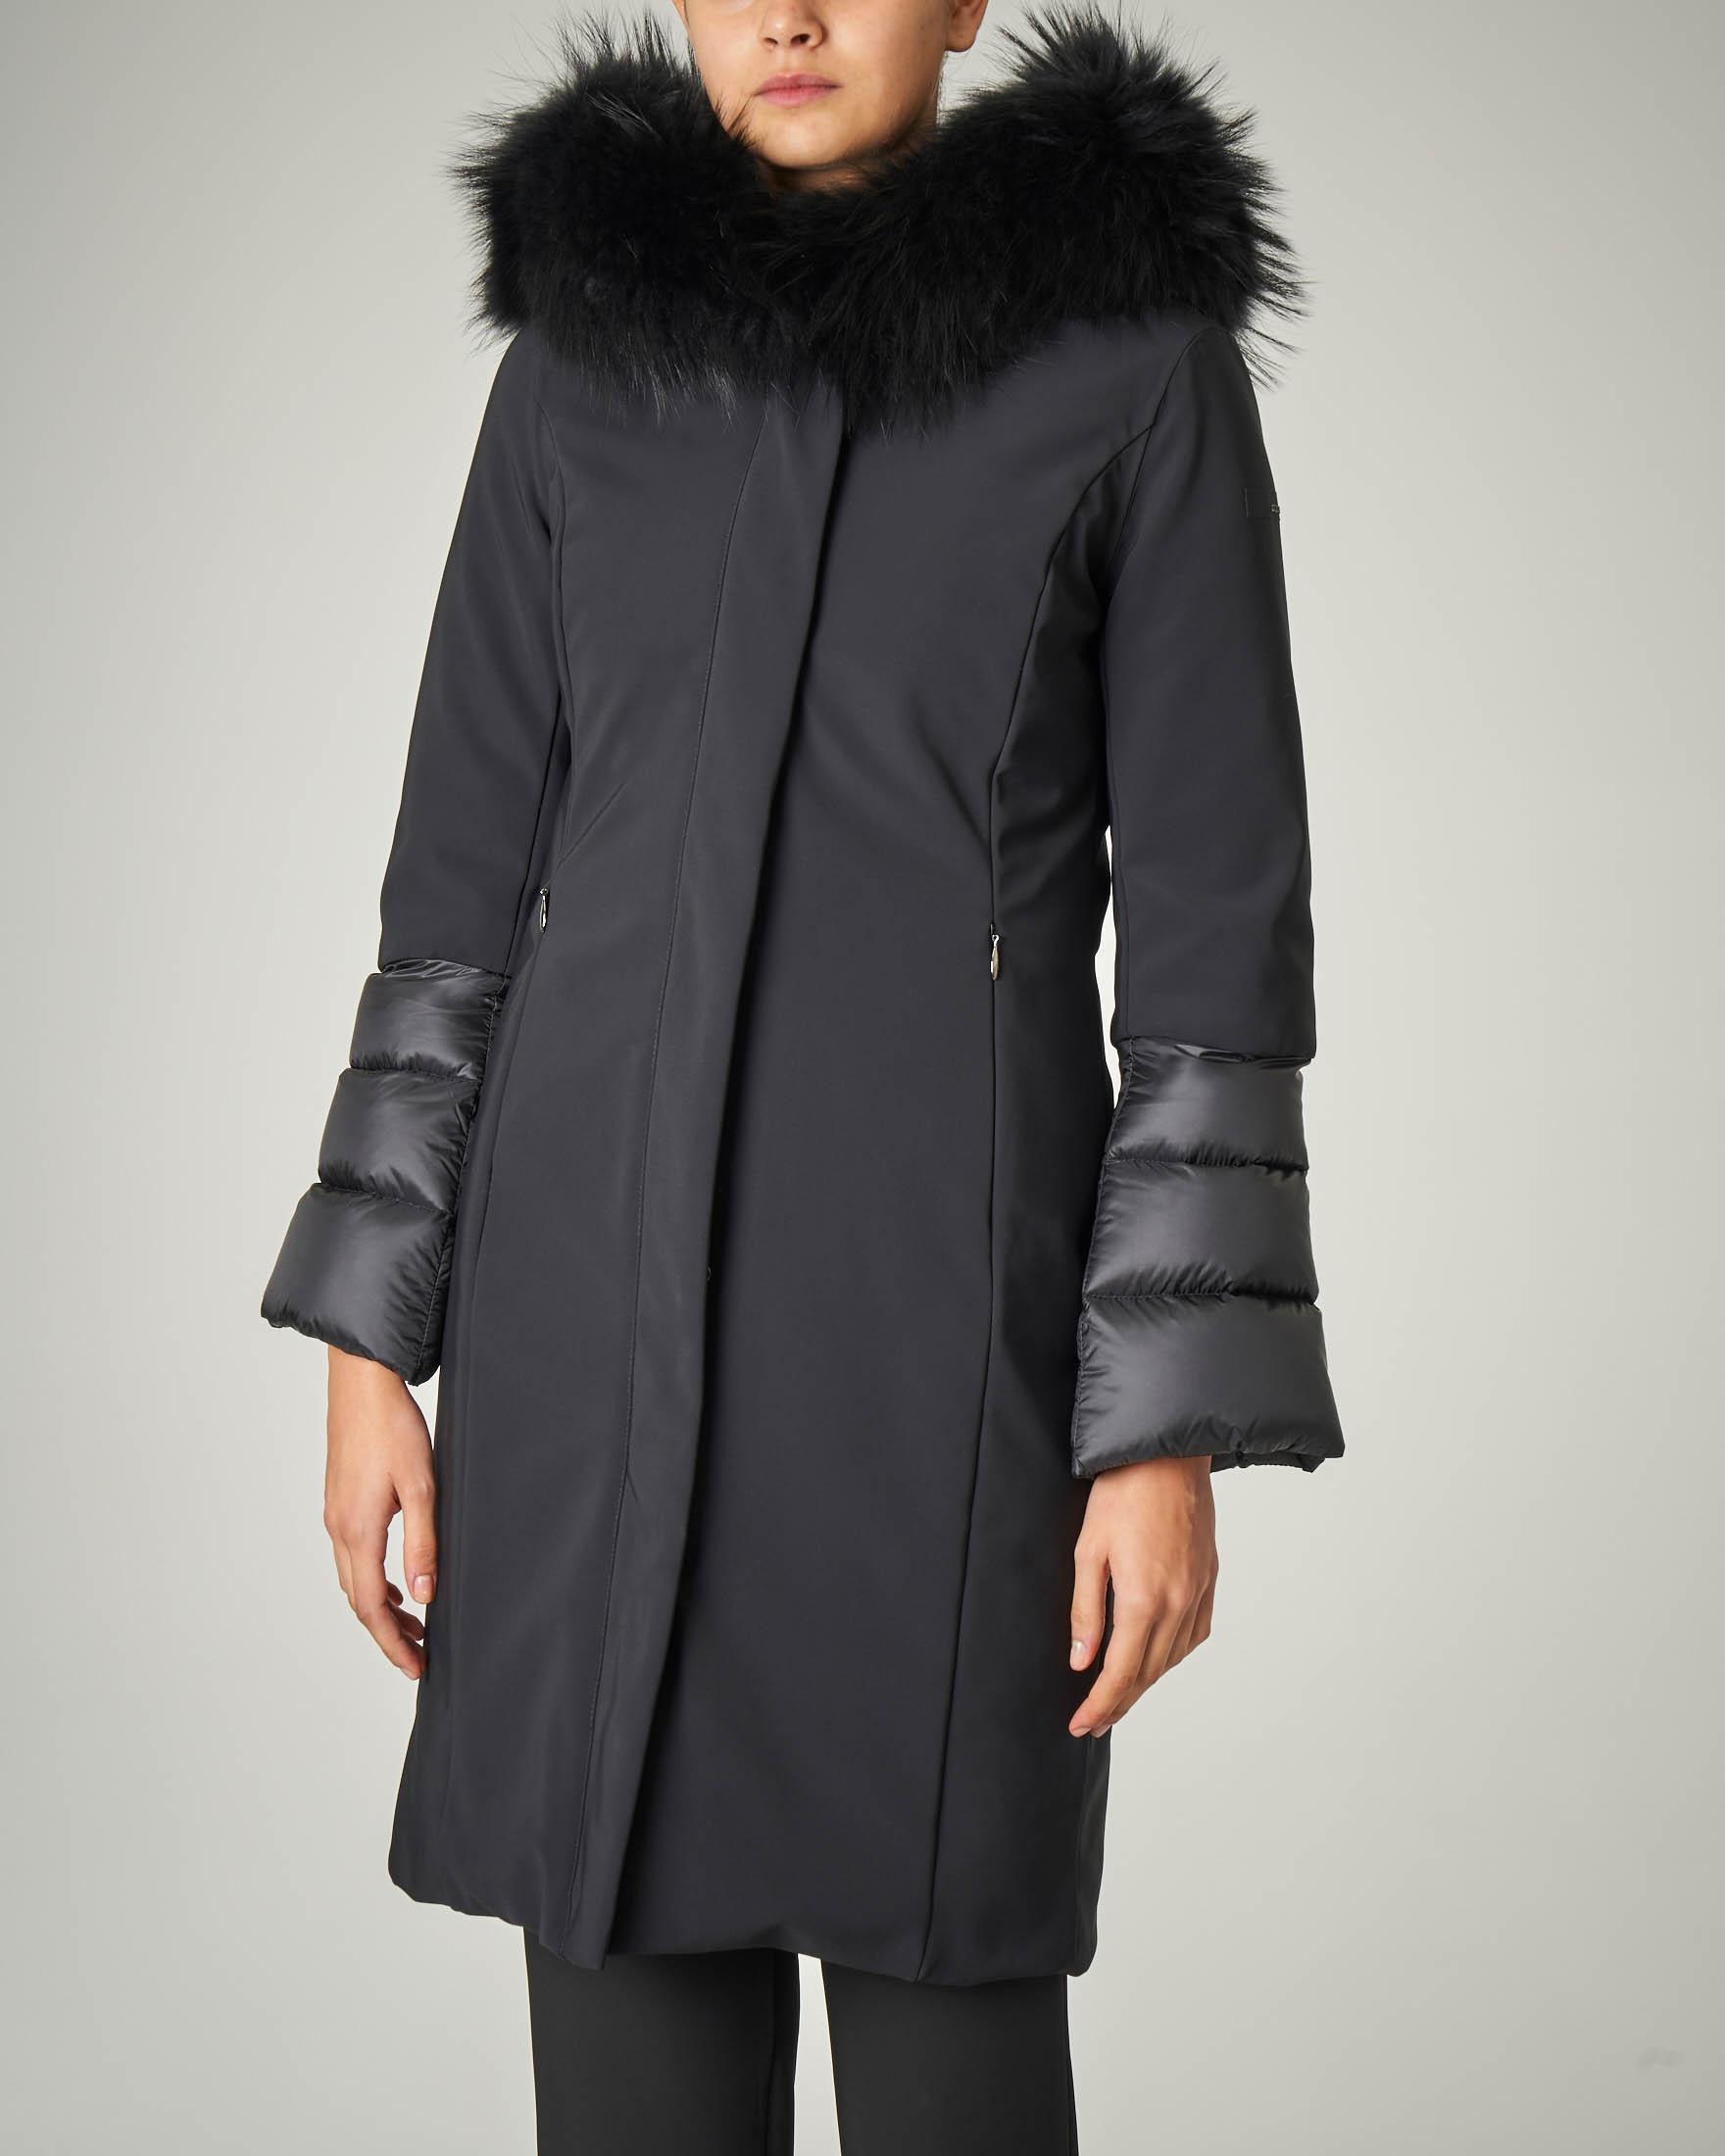 Cappotto lungo nero con maniche e cappuccio trapuntati